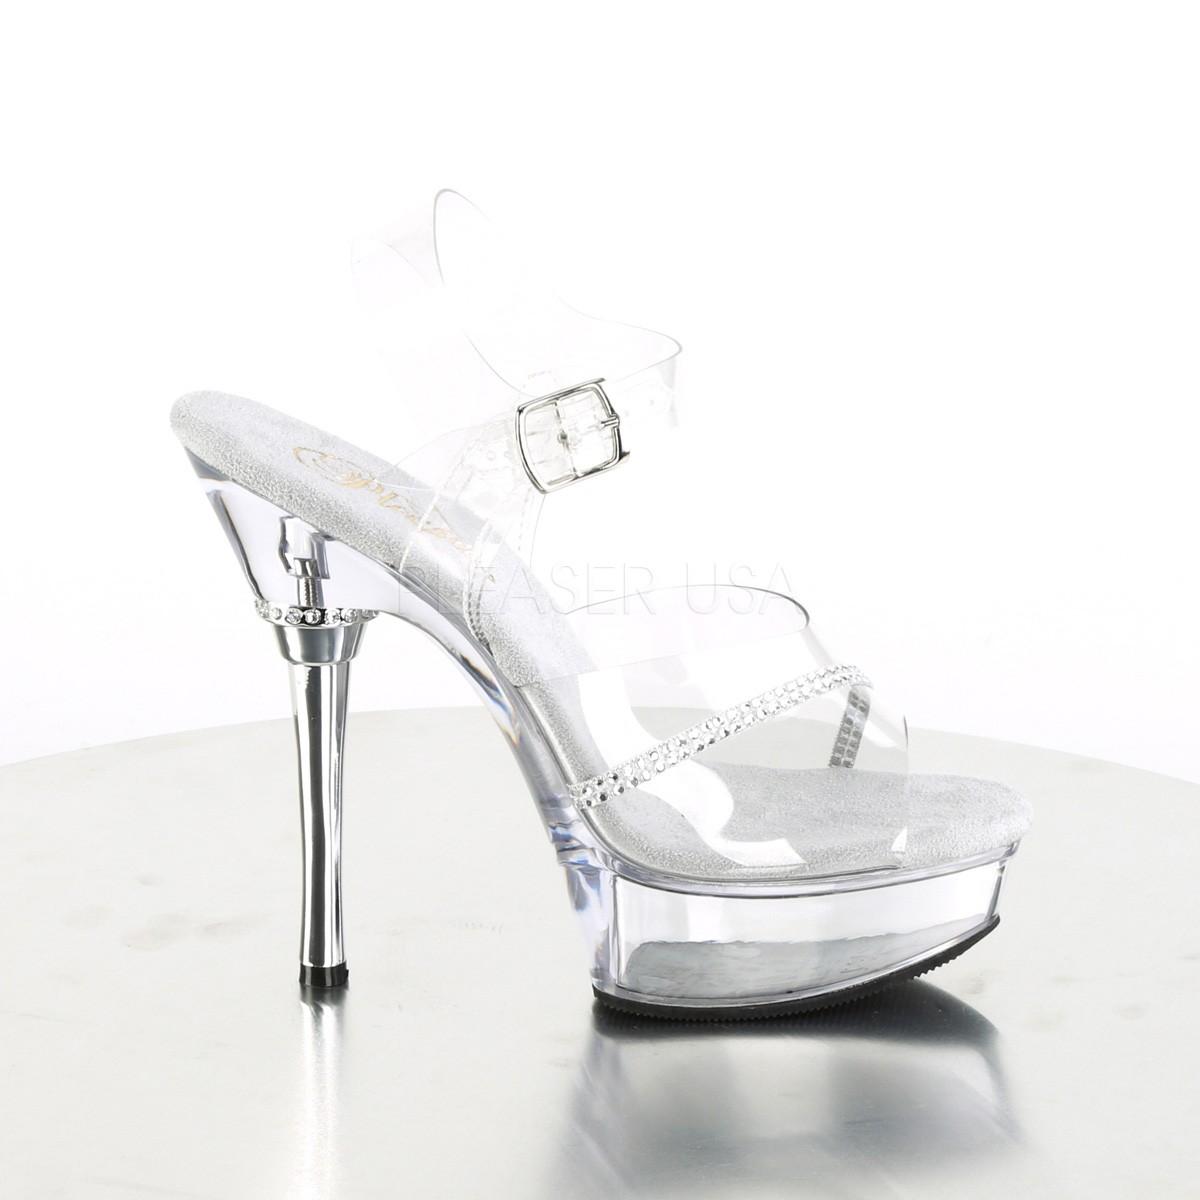 77b1b5ce strass 14 cm ALLURE-608R platå høyhælte sandaler sko